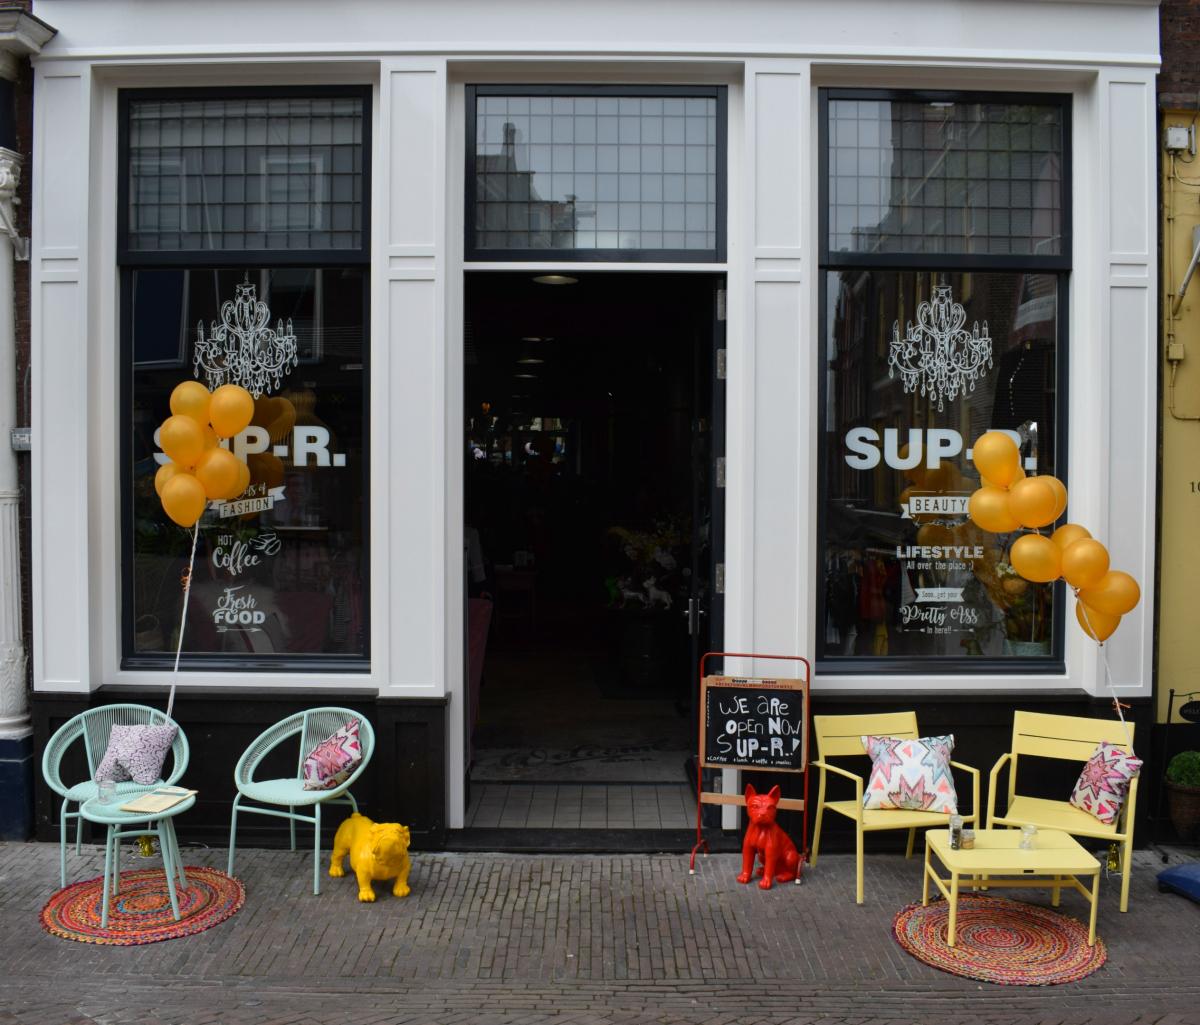 SUP-R Delft